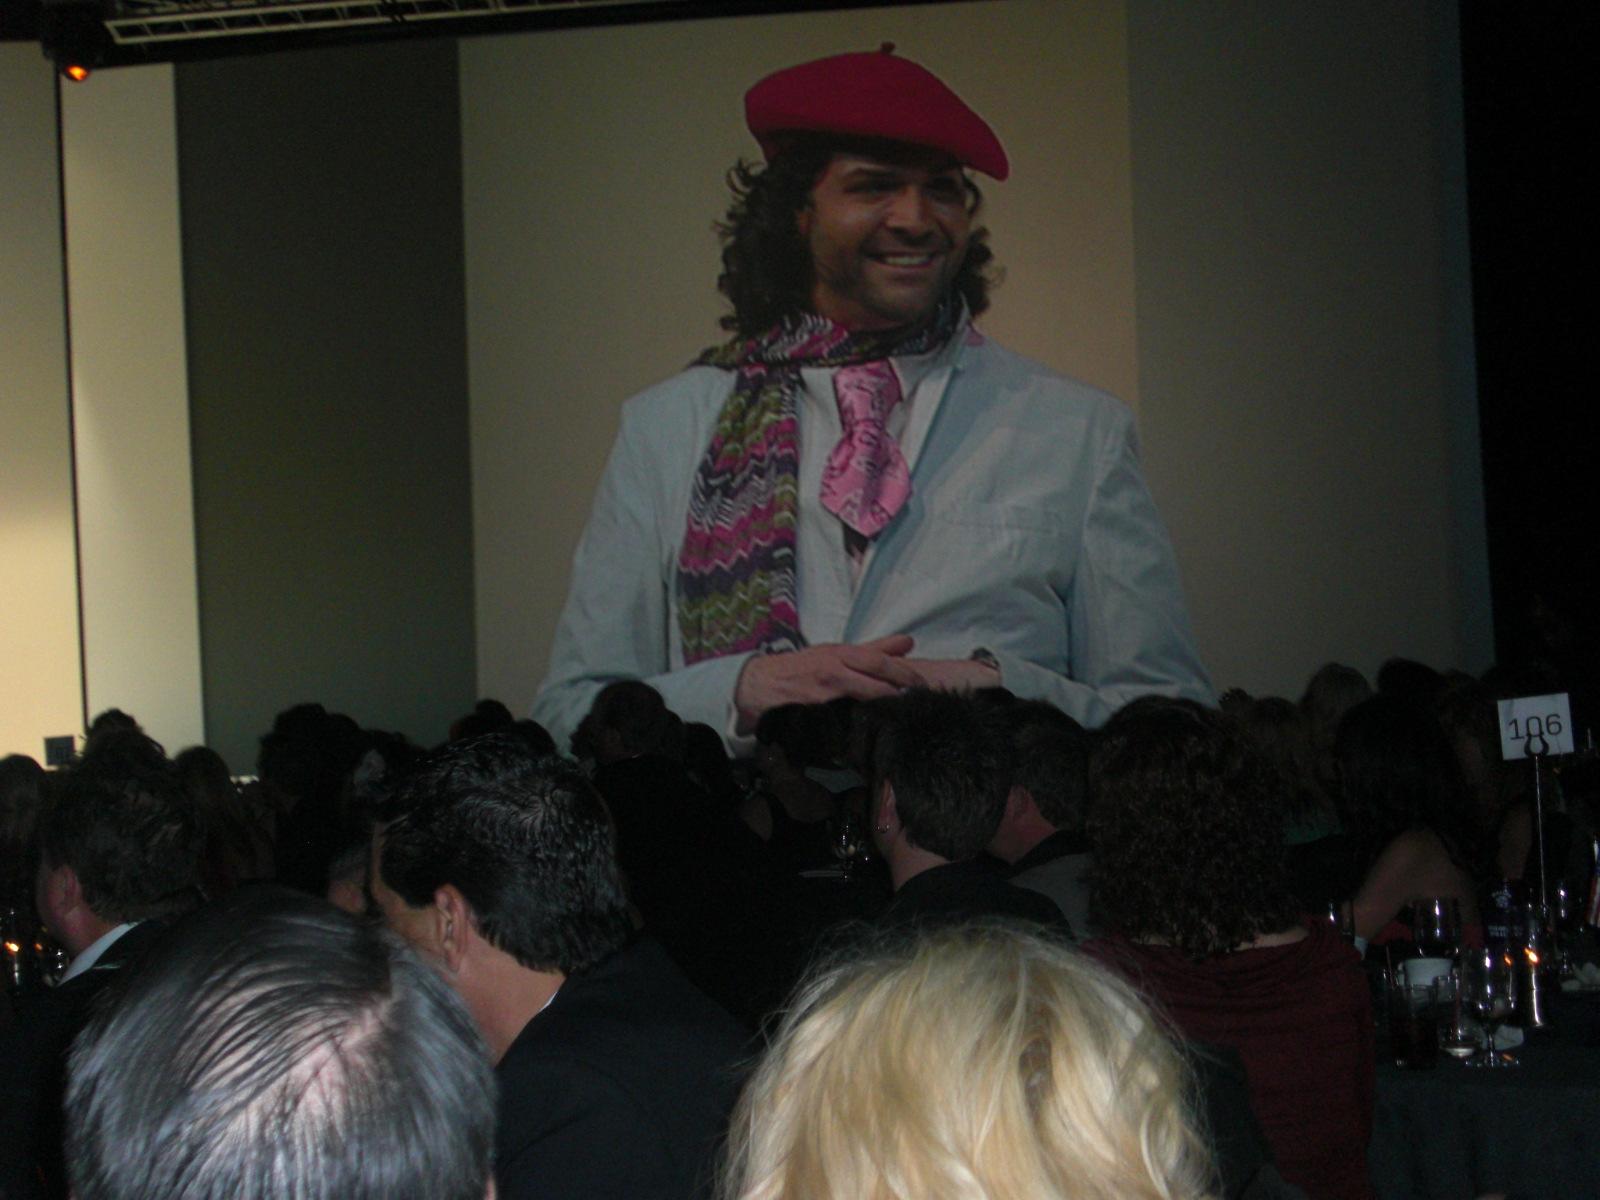 Co-host John Simpson announcing the Color Zoom 2010 finals location: Paris!